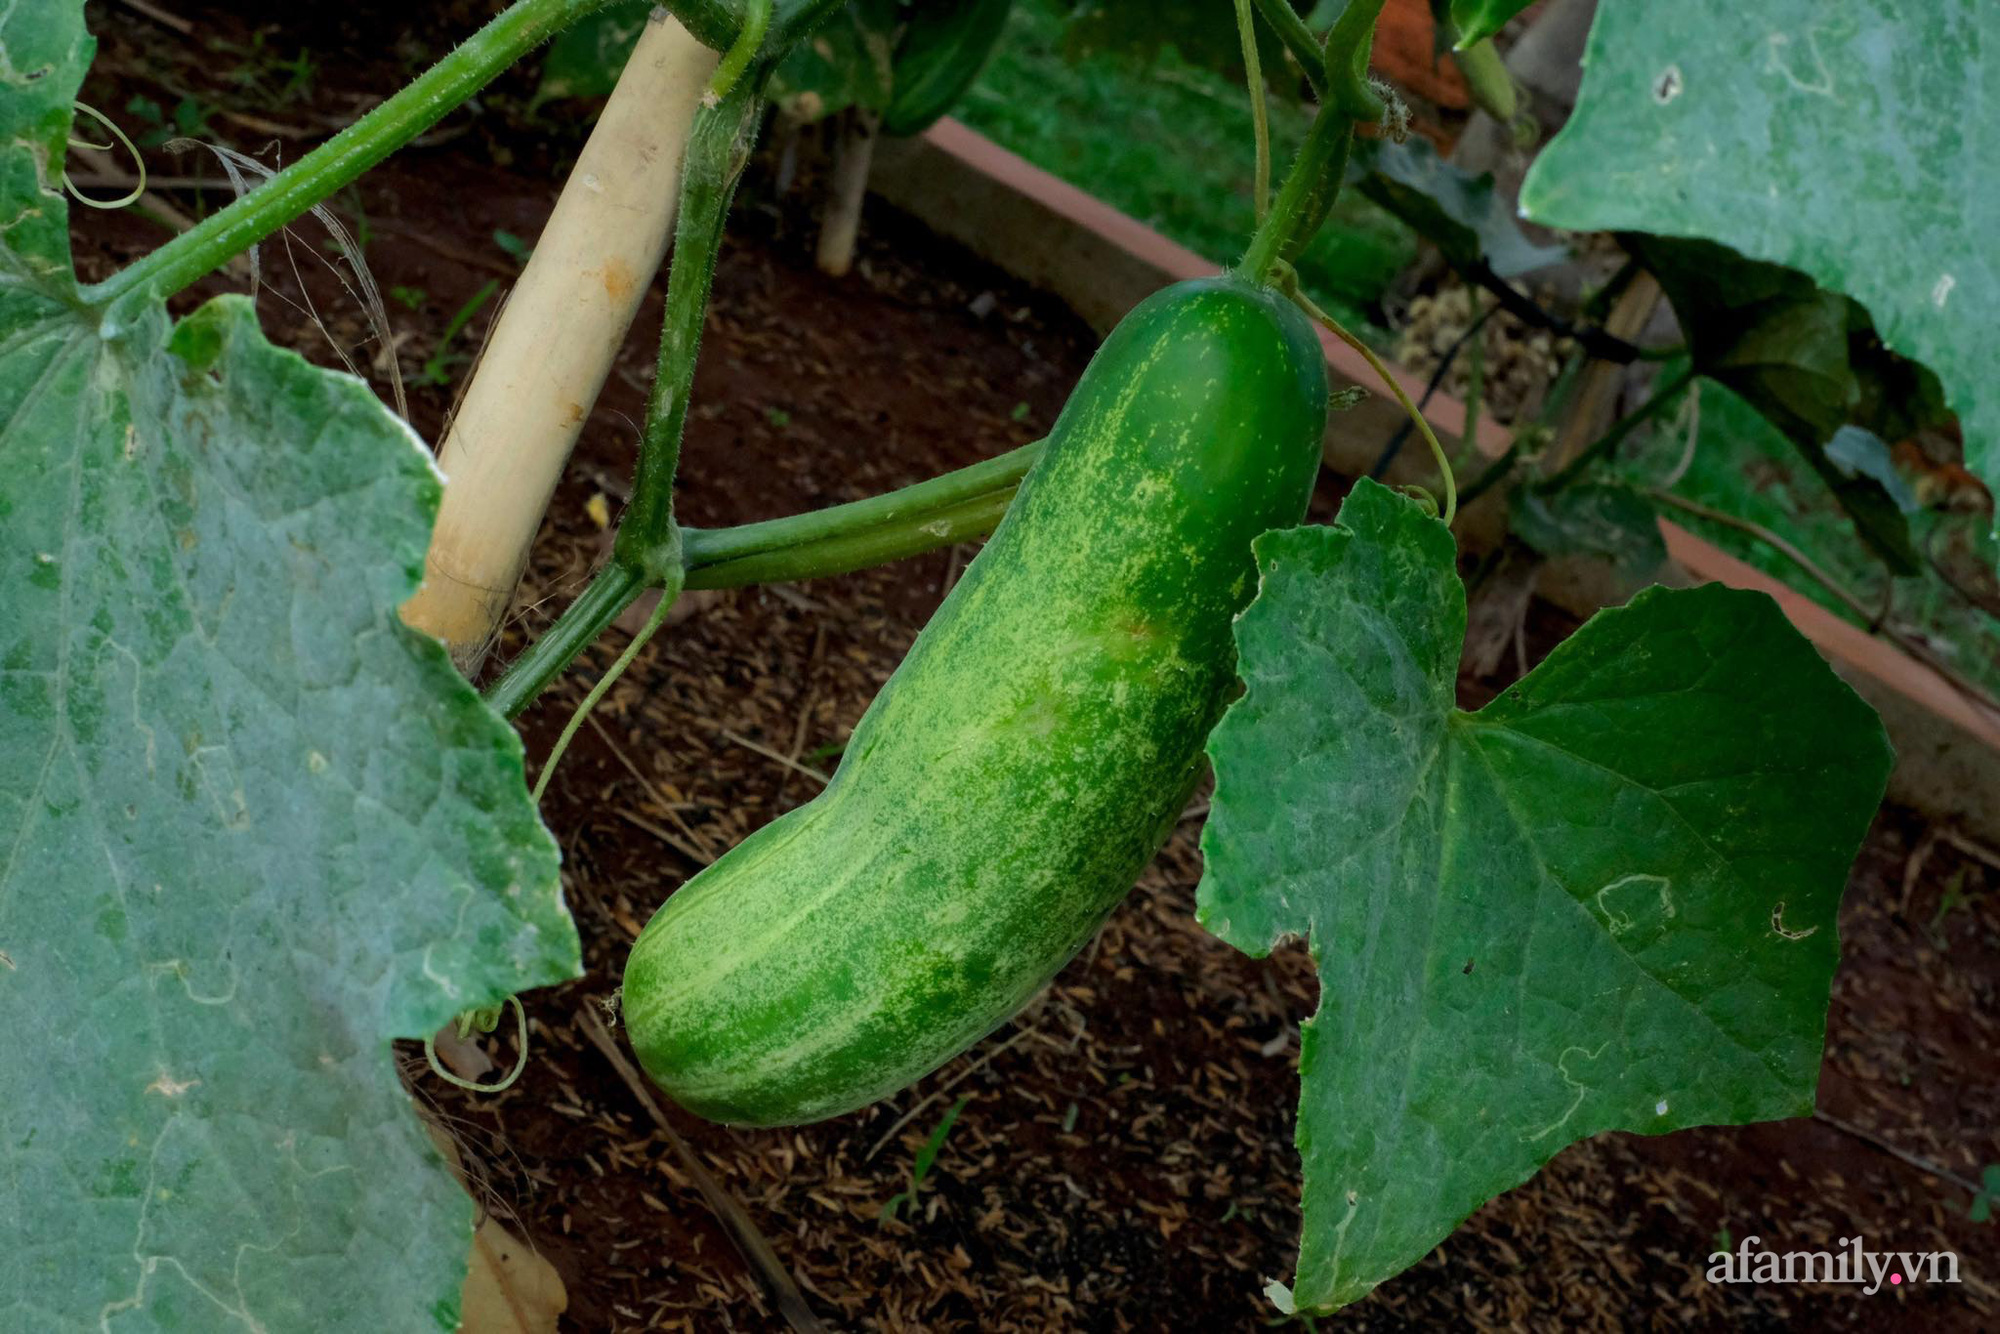 """Vì muốn sống gần thiên nhiên, 5 cô gái đã """"hùn vốn"""" biến mảnh đất trống thành khu vườn xanh mát ở Buôn Mê Thuột - Ảnh 16."""